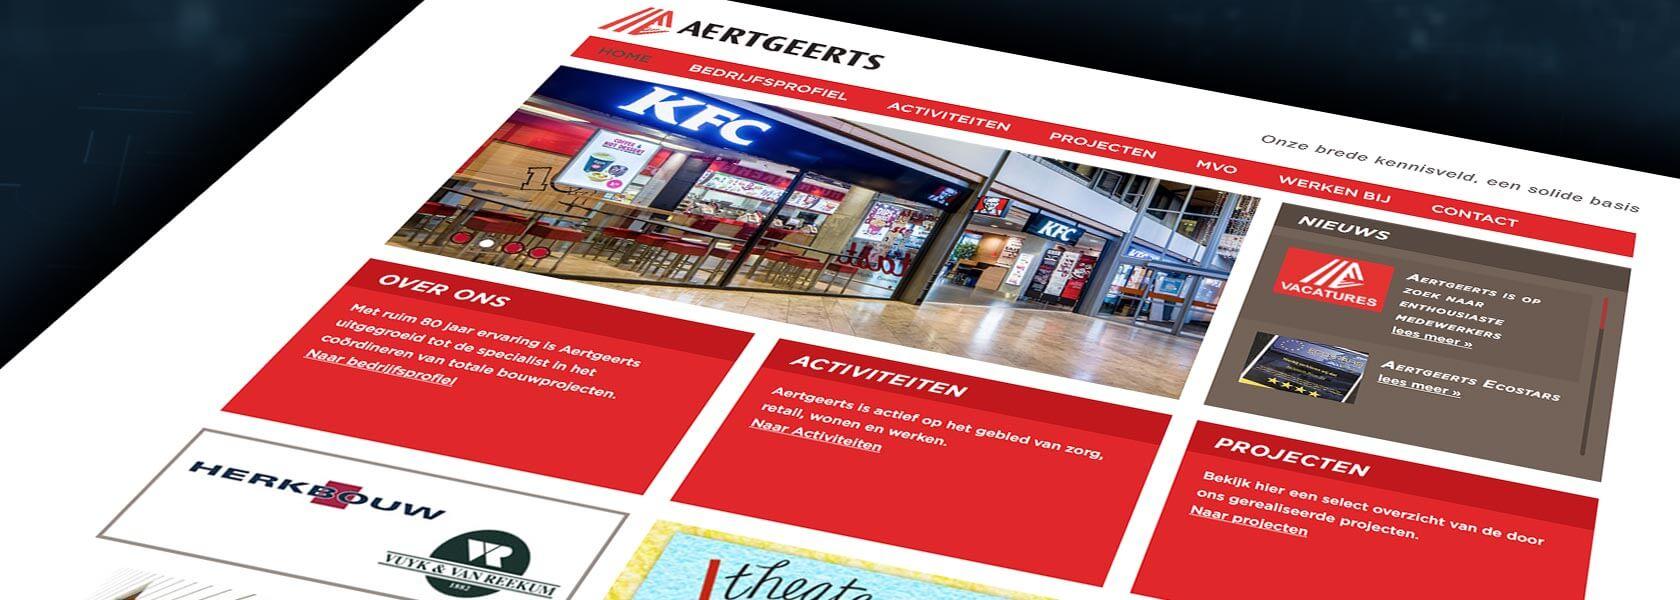 vjake-website-site-aertgeerts-0